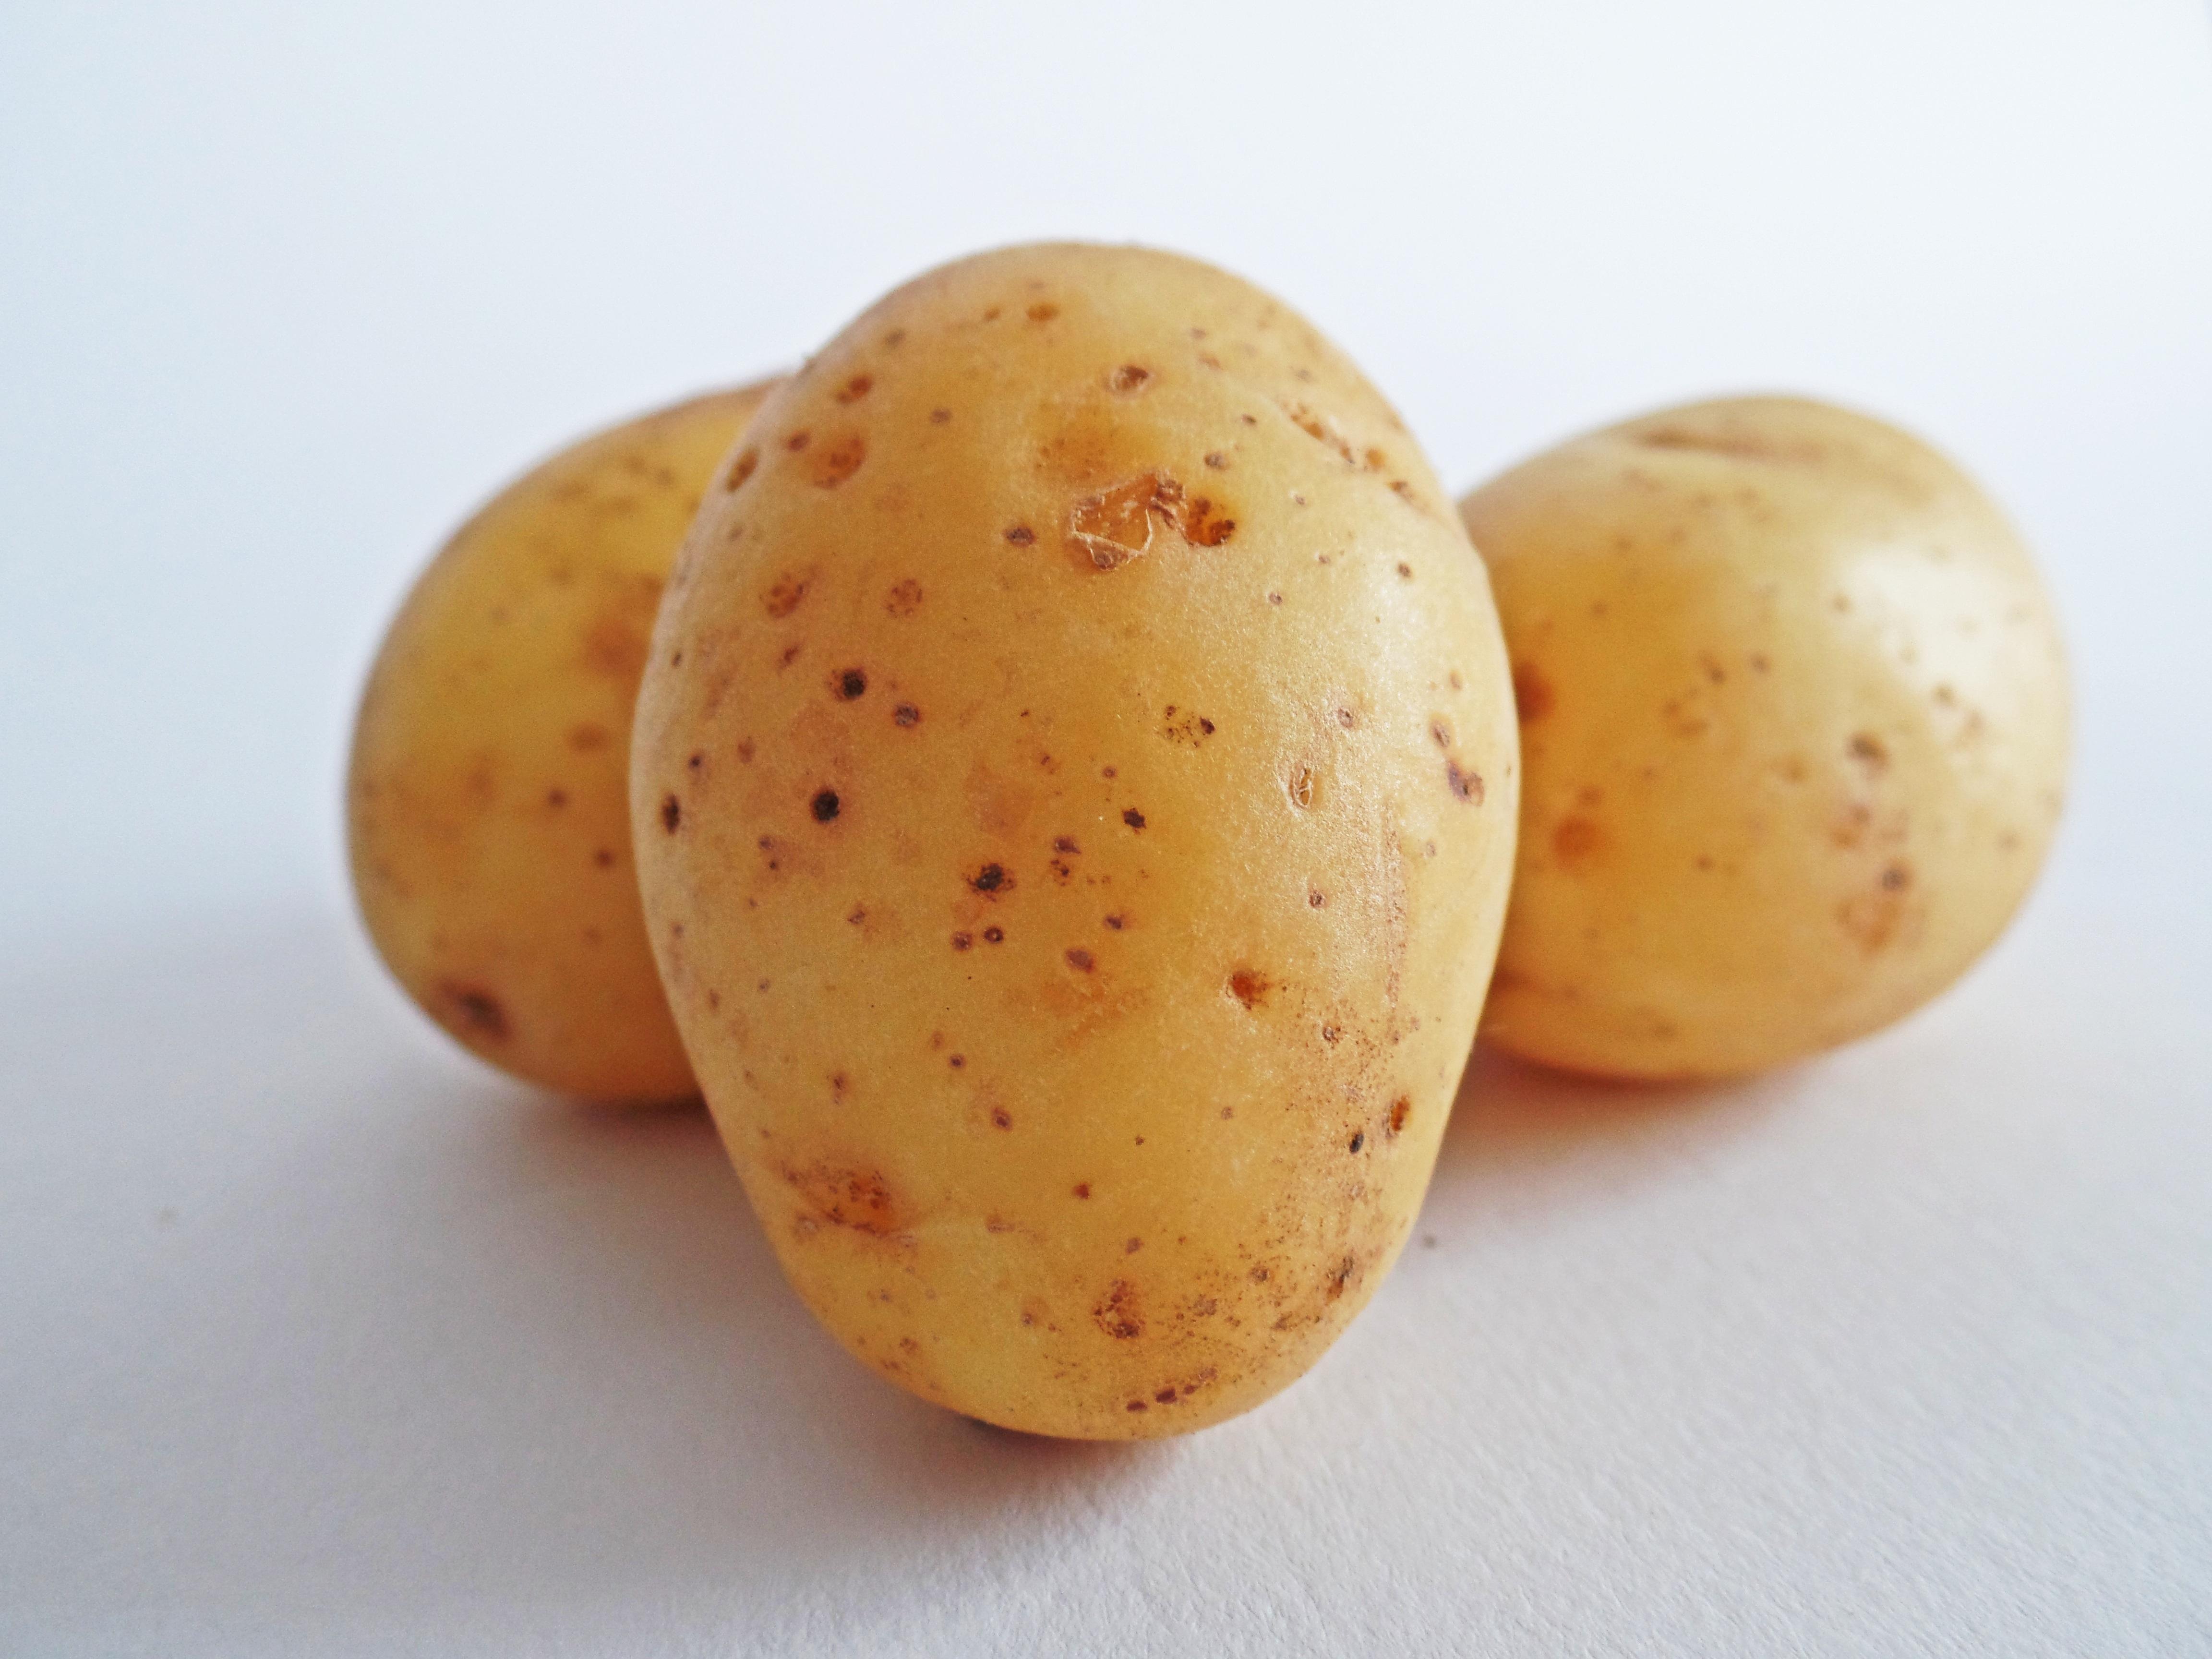 Är potatis en grönsak